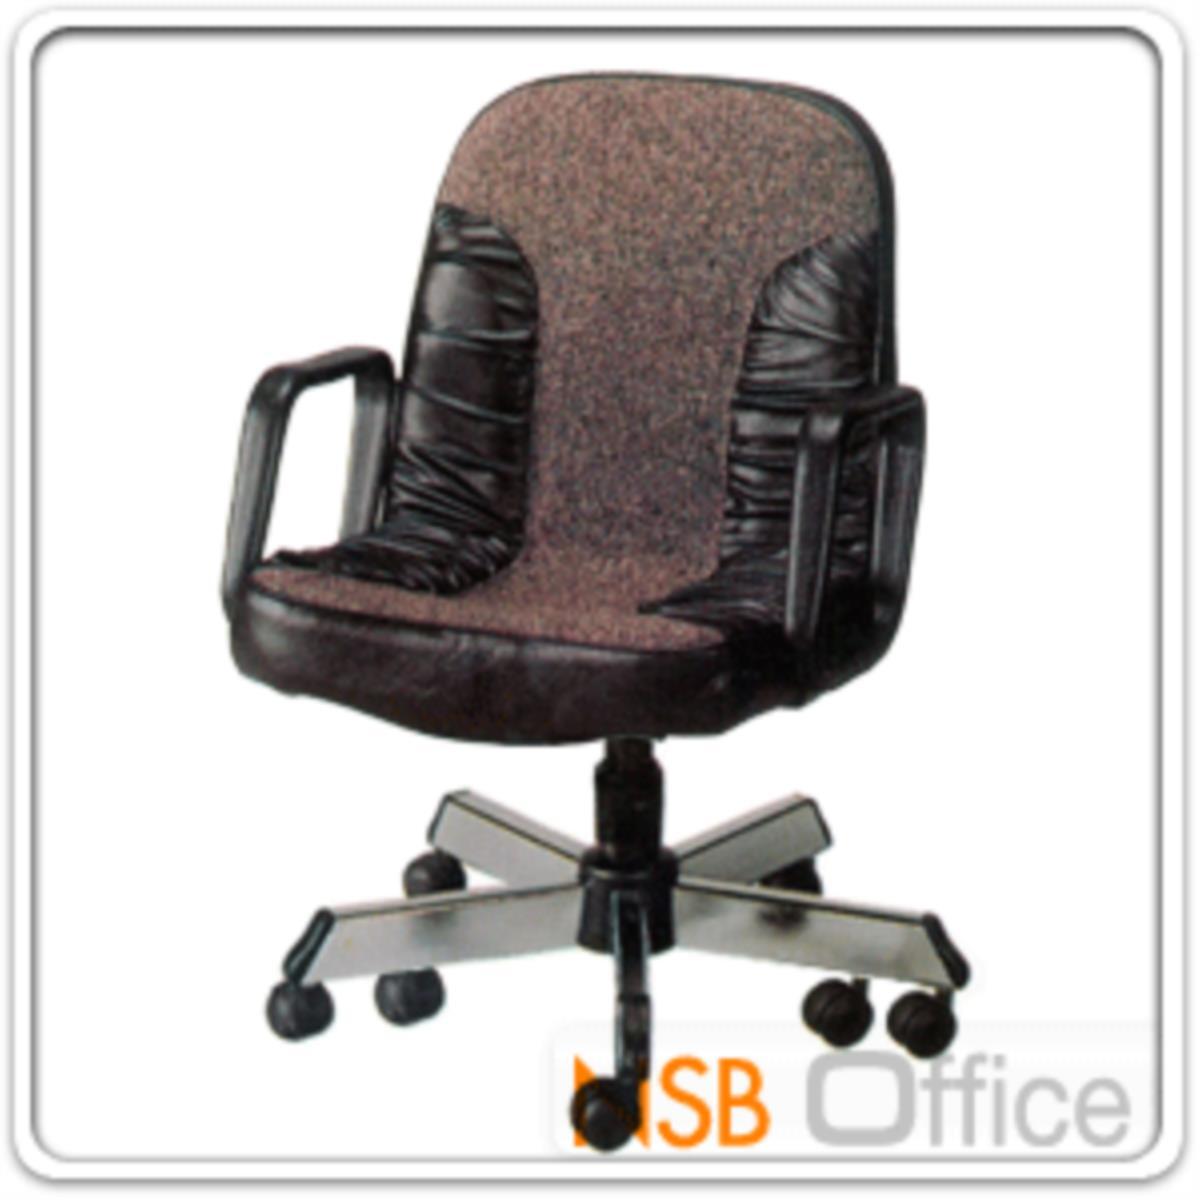 เก้าอี้สำนักงาน รุ่น Lawlor (ลอย์เลอร์)  ขาเหล็ก 10 ล้อ